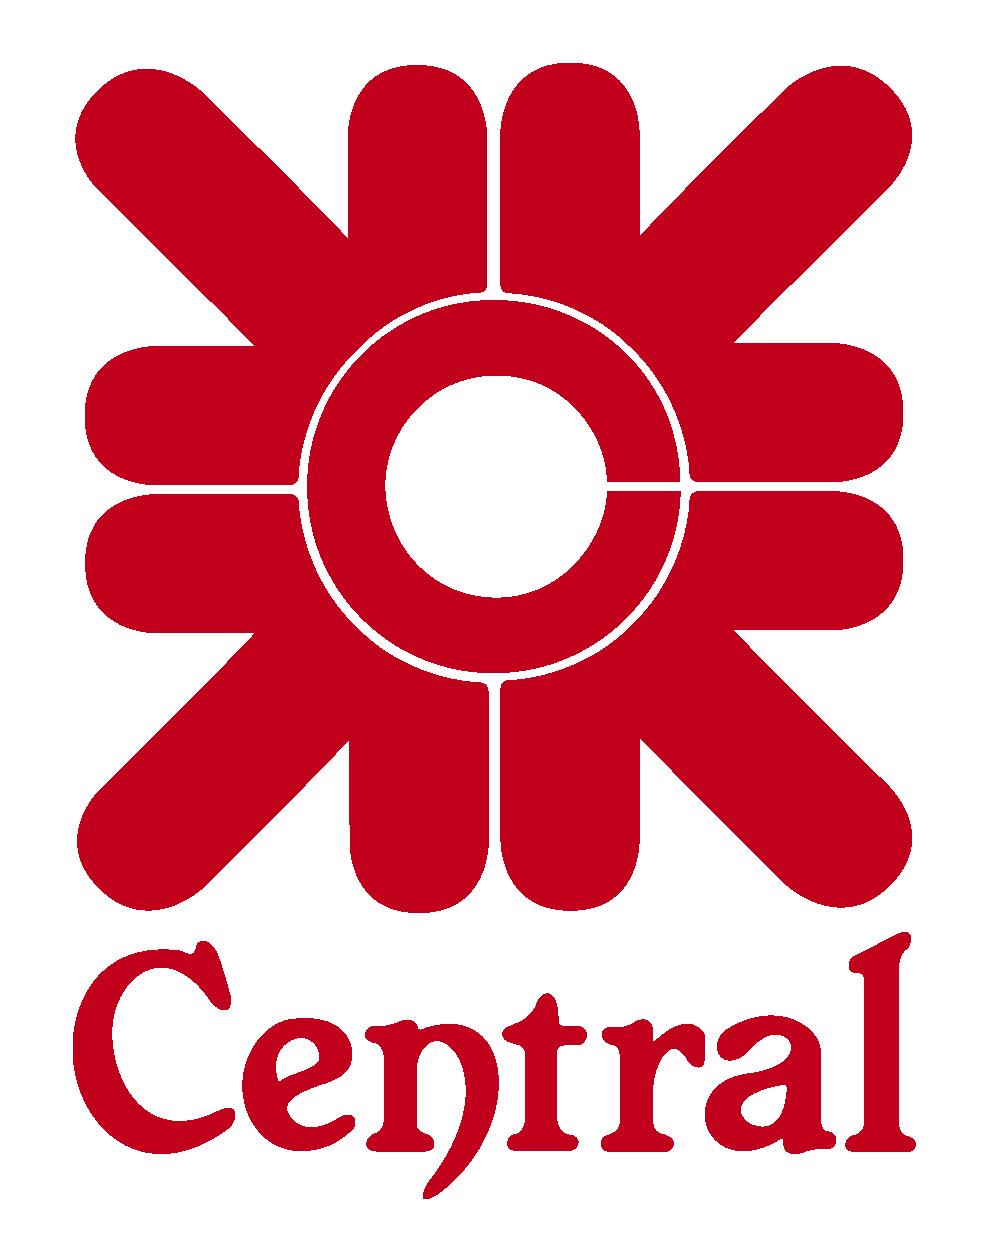 central-logo-ENG (1)